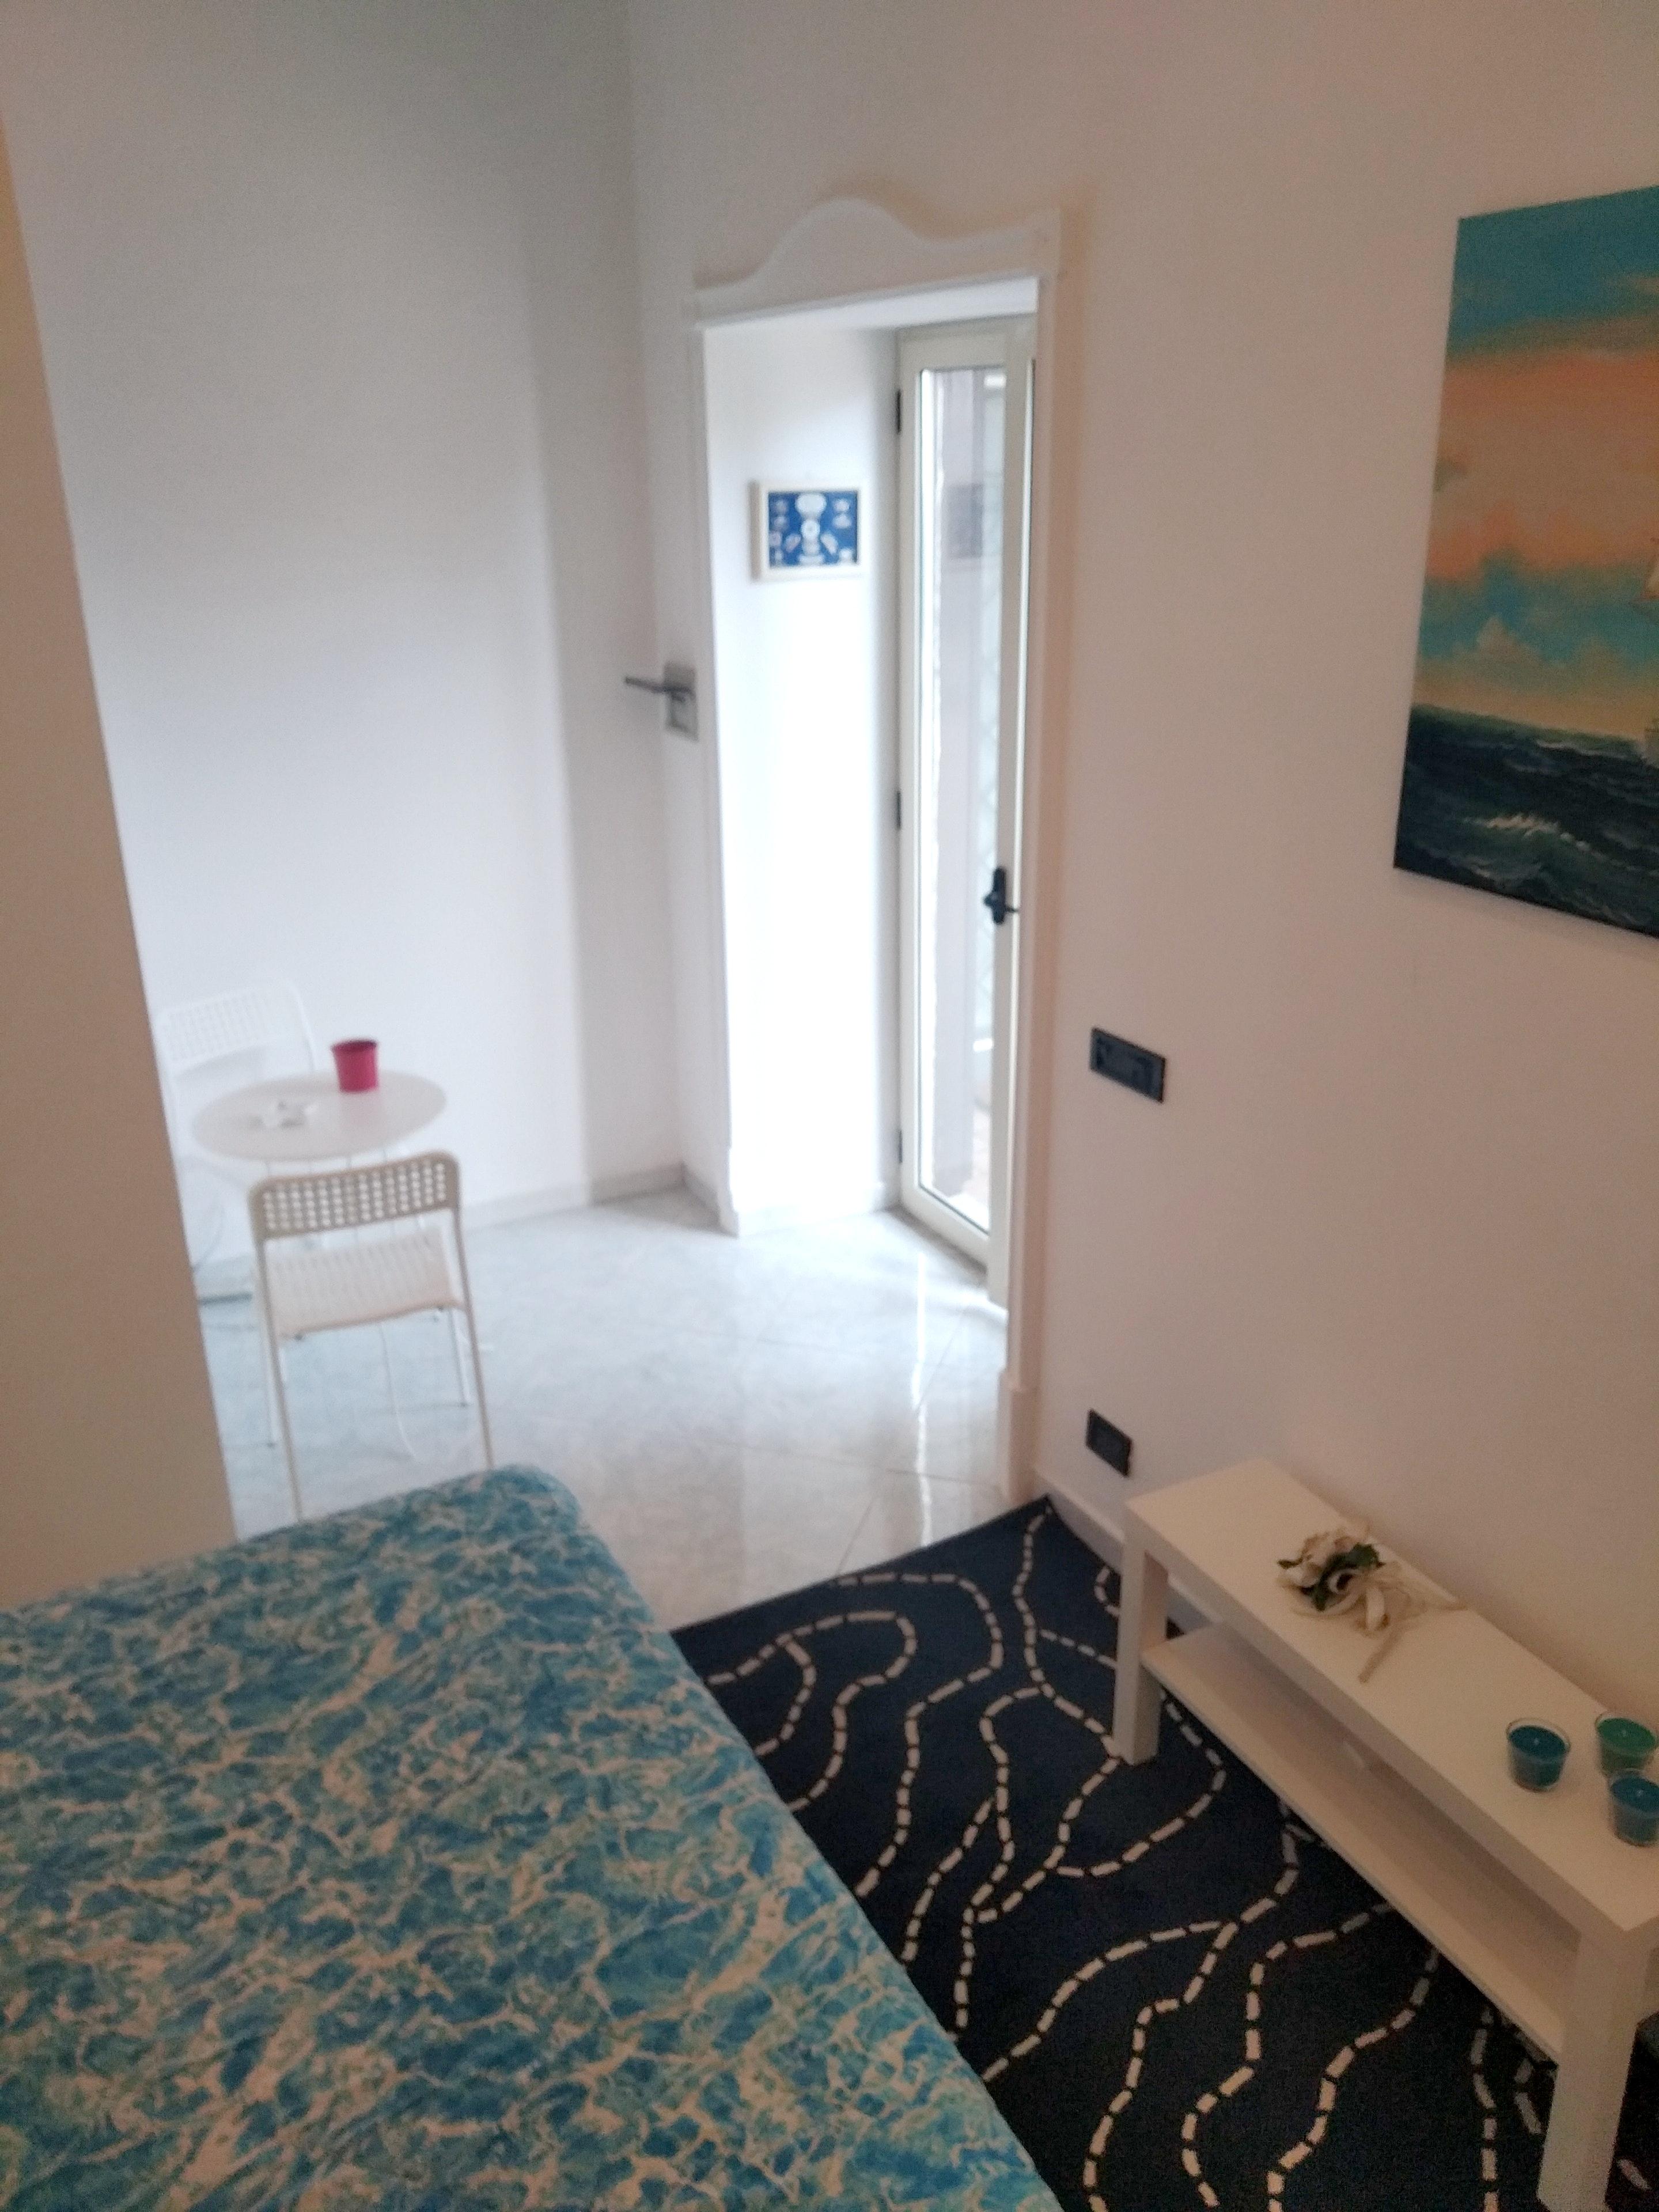 Ferienwohnung Studio in Sant'Egidio del Monte Albino  mit Terrasse und W-LAN - 20 km vom Strand entfernt (2692937), Sant'Egidio del Monte Albino, Salerno, Kampanien, Italien, Bild 5